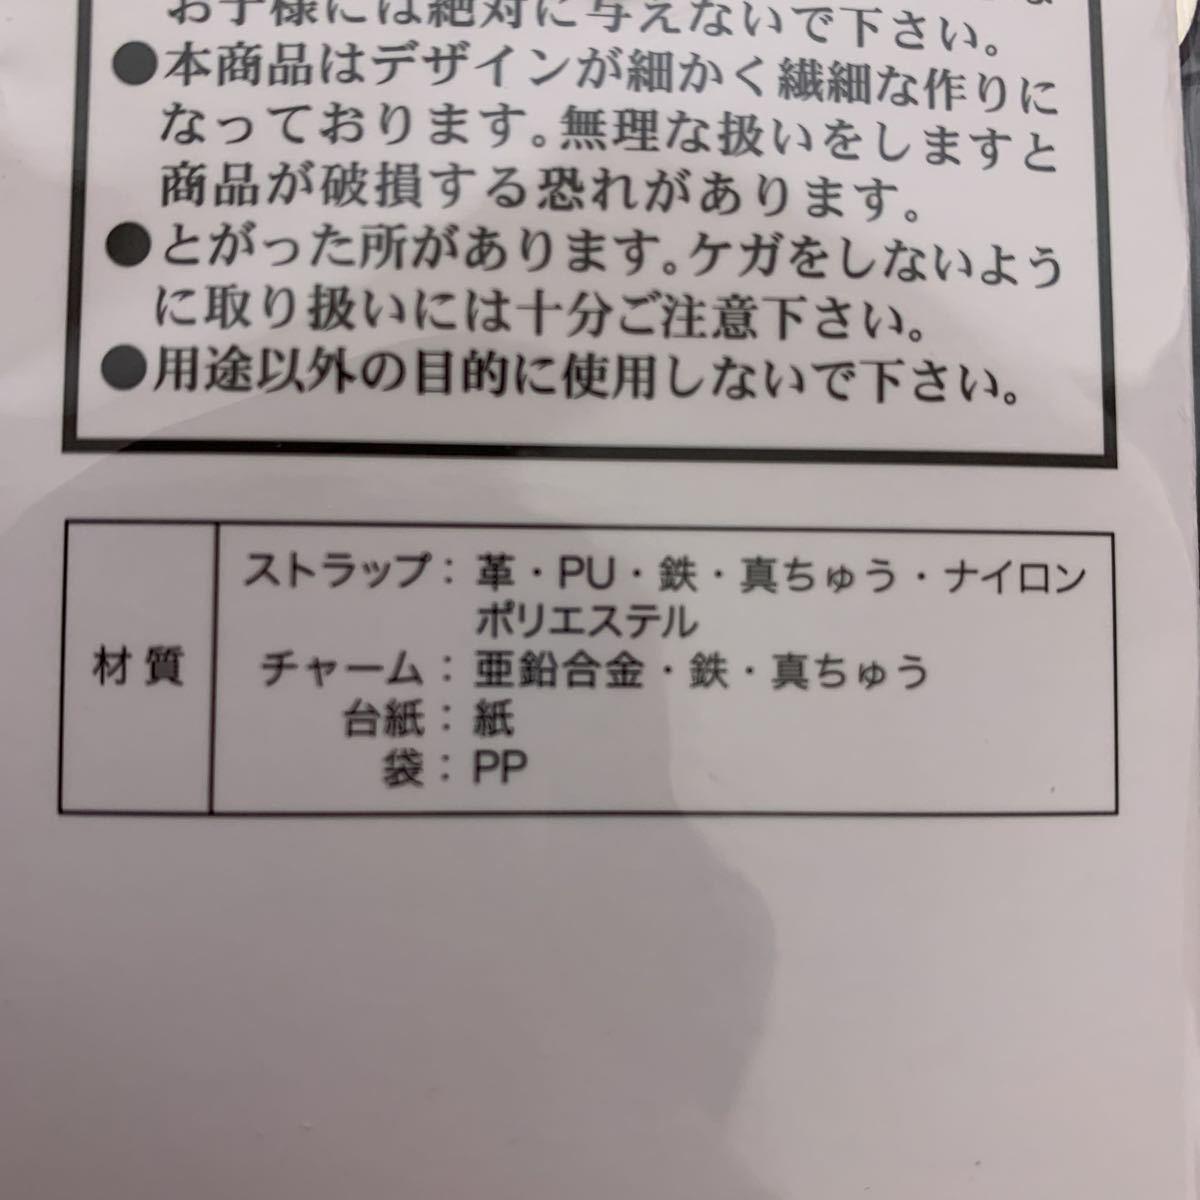 嵐 ARASHI Anniversary Tour 5×10 会場限定チャーム付きストラップ 札幌ドーム 黄色 新品未開封 送料無料 嵐10周年コンサートグッズ 2009